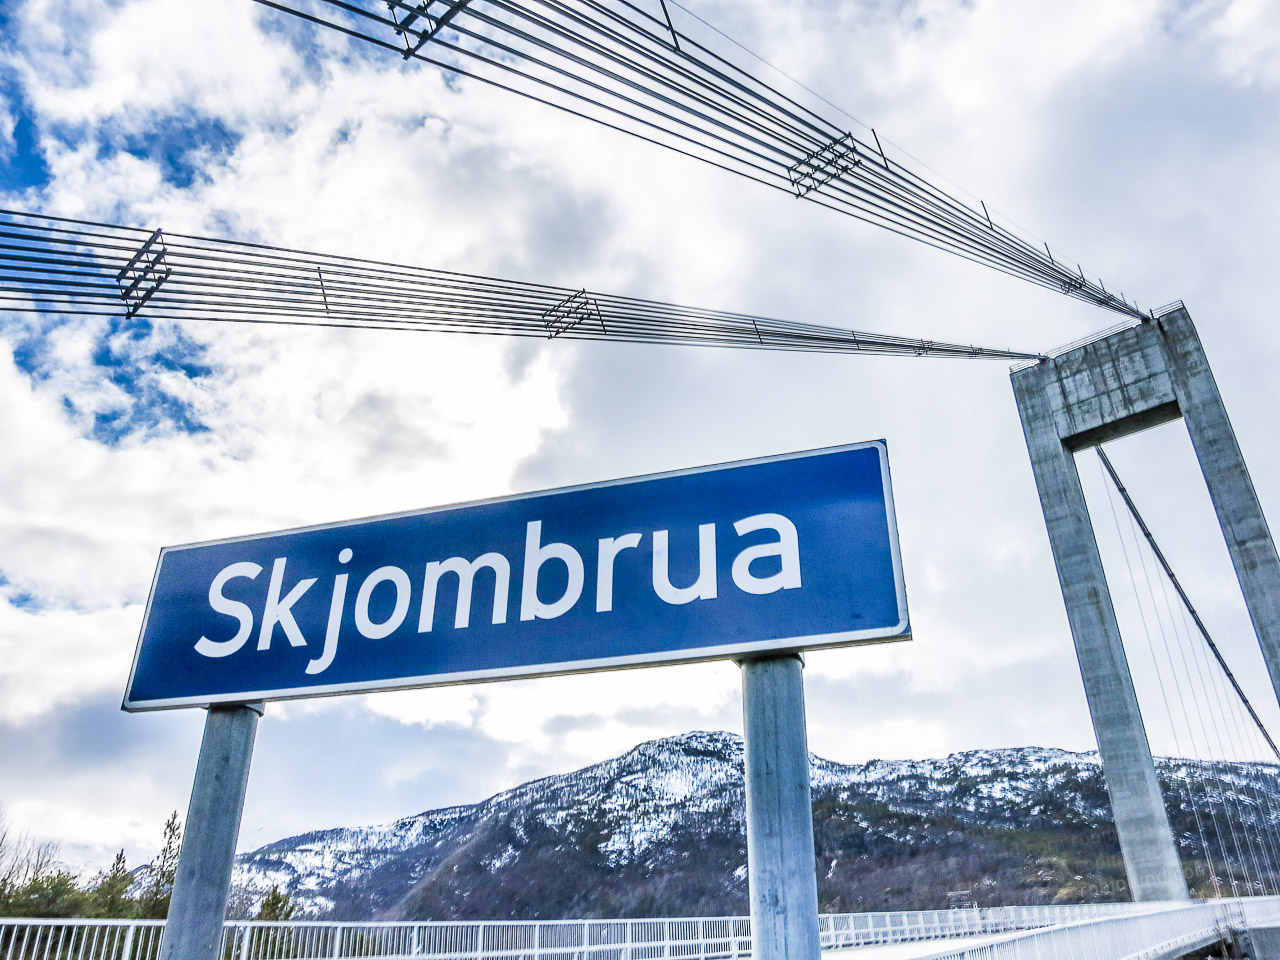 Skjomen bru er ei hengebru sør for Narvik.(Arkivfoto: Robin Lund)